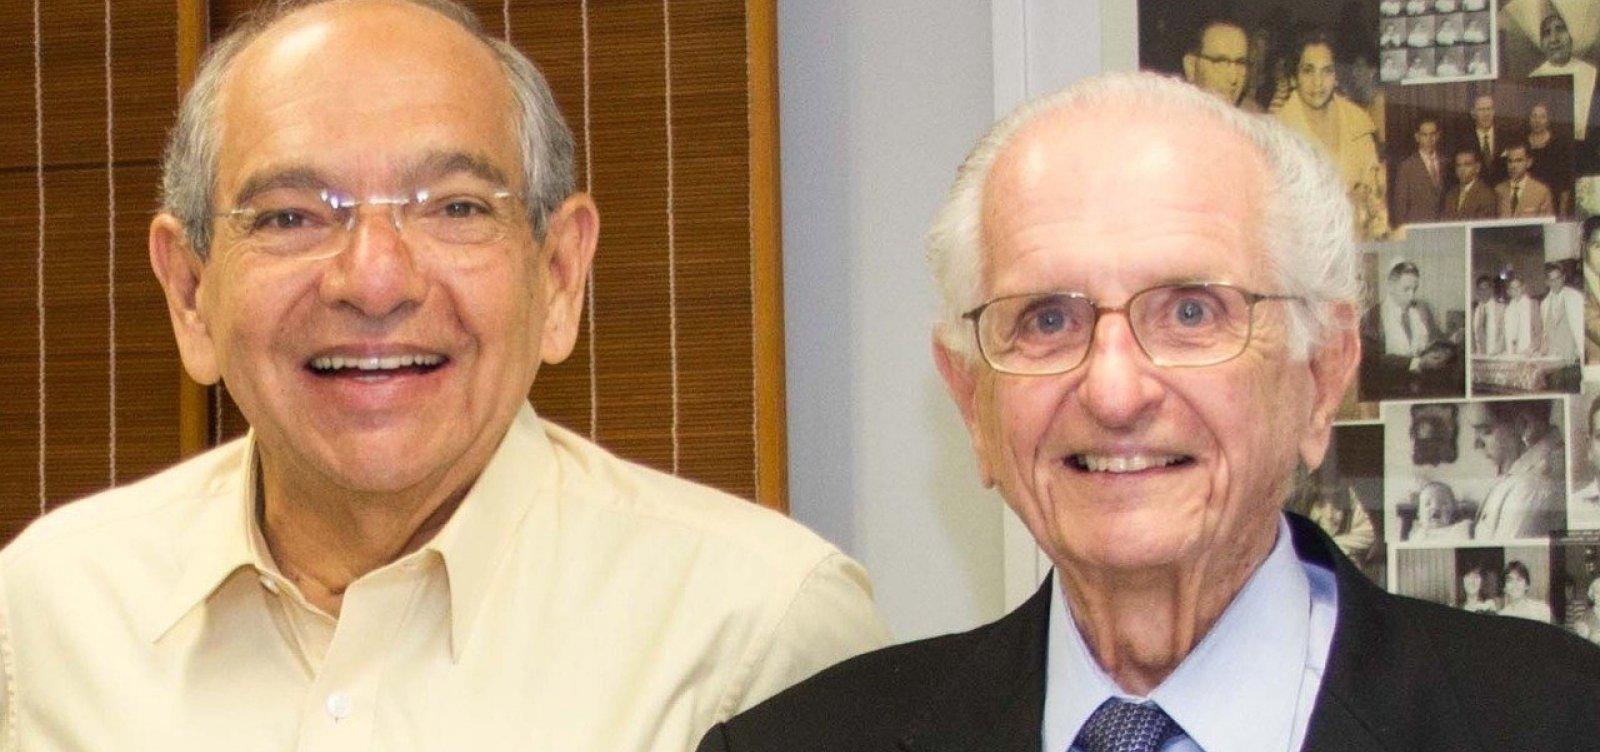 MK lamenta morte de Dr. Roberto Santos: 'A Bahia e o Brasil tem muito para te agradecer, e eu também'